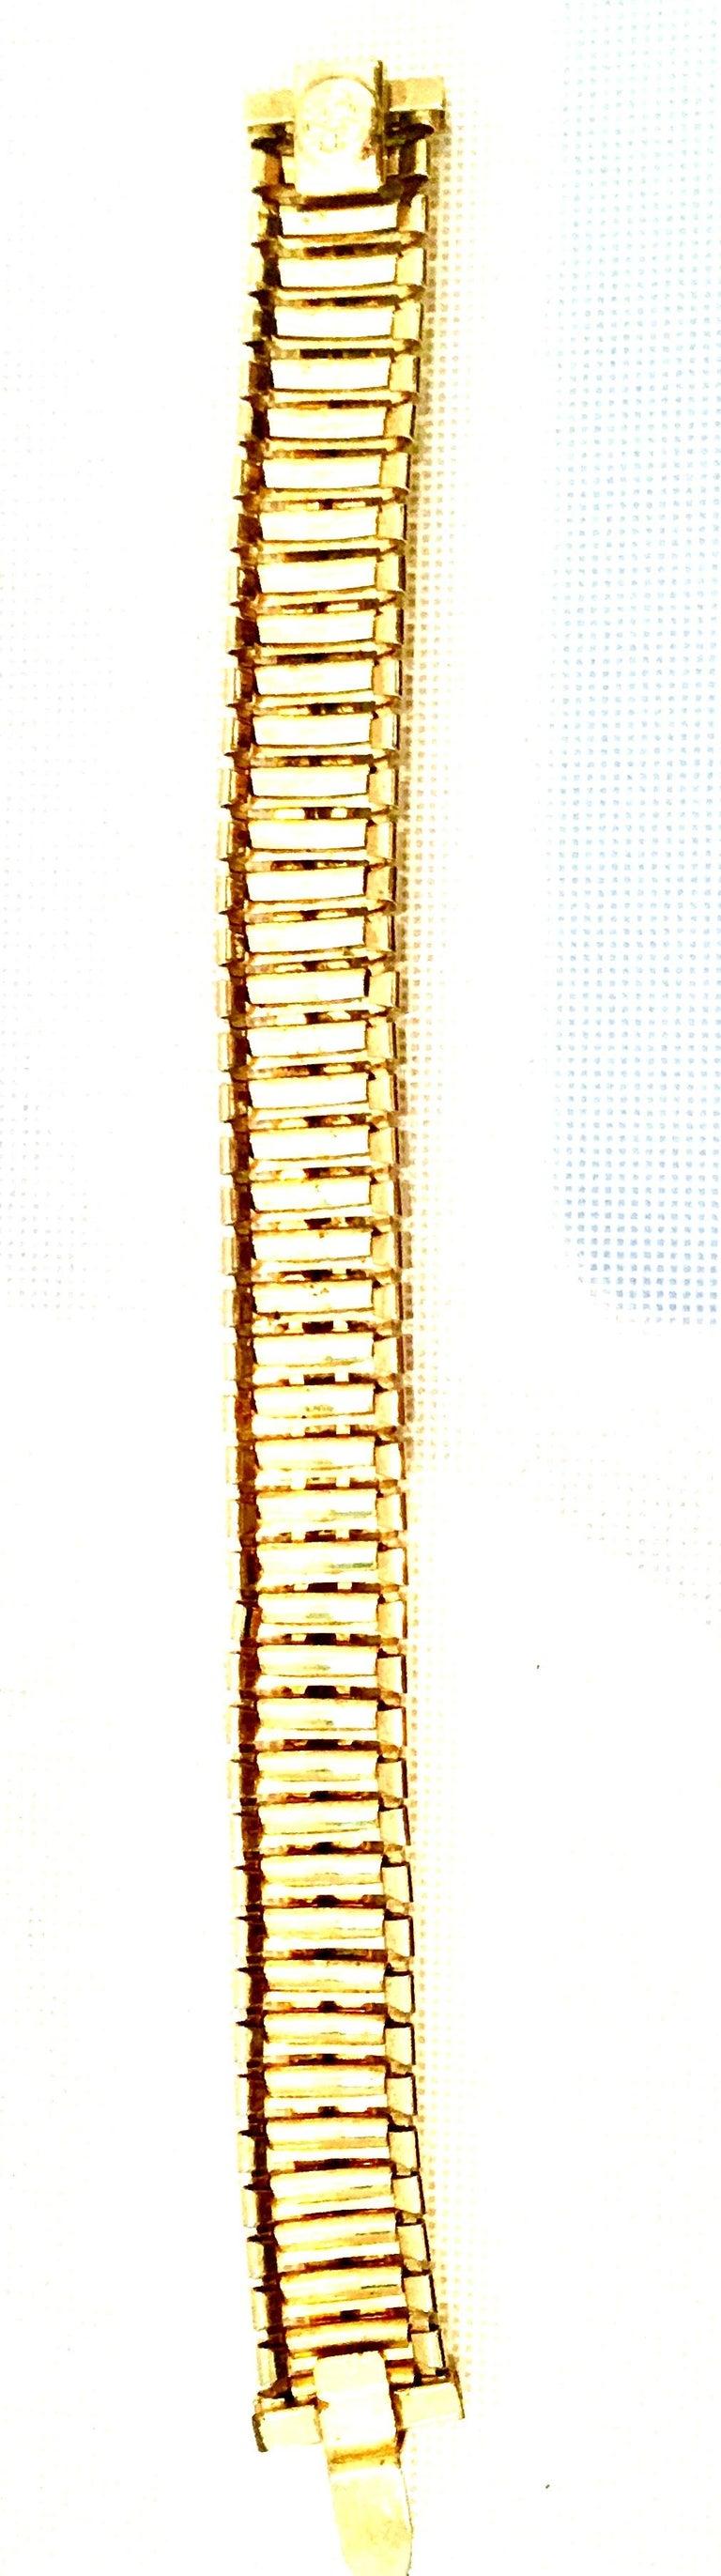 1950'S Gol & Swarovski Crystal Rhinestone Link Bracelet By, Jewels By Julio For Sale 5